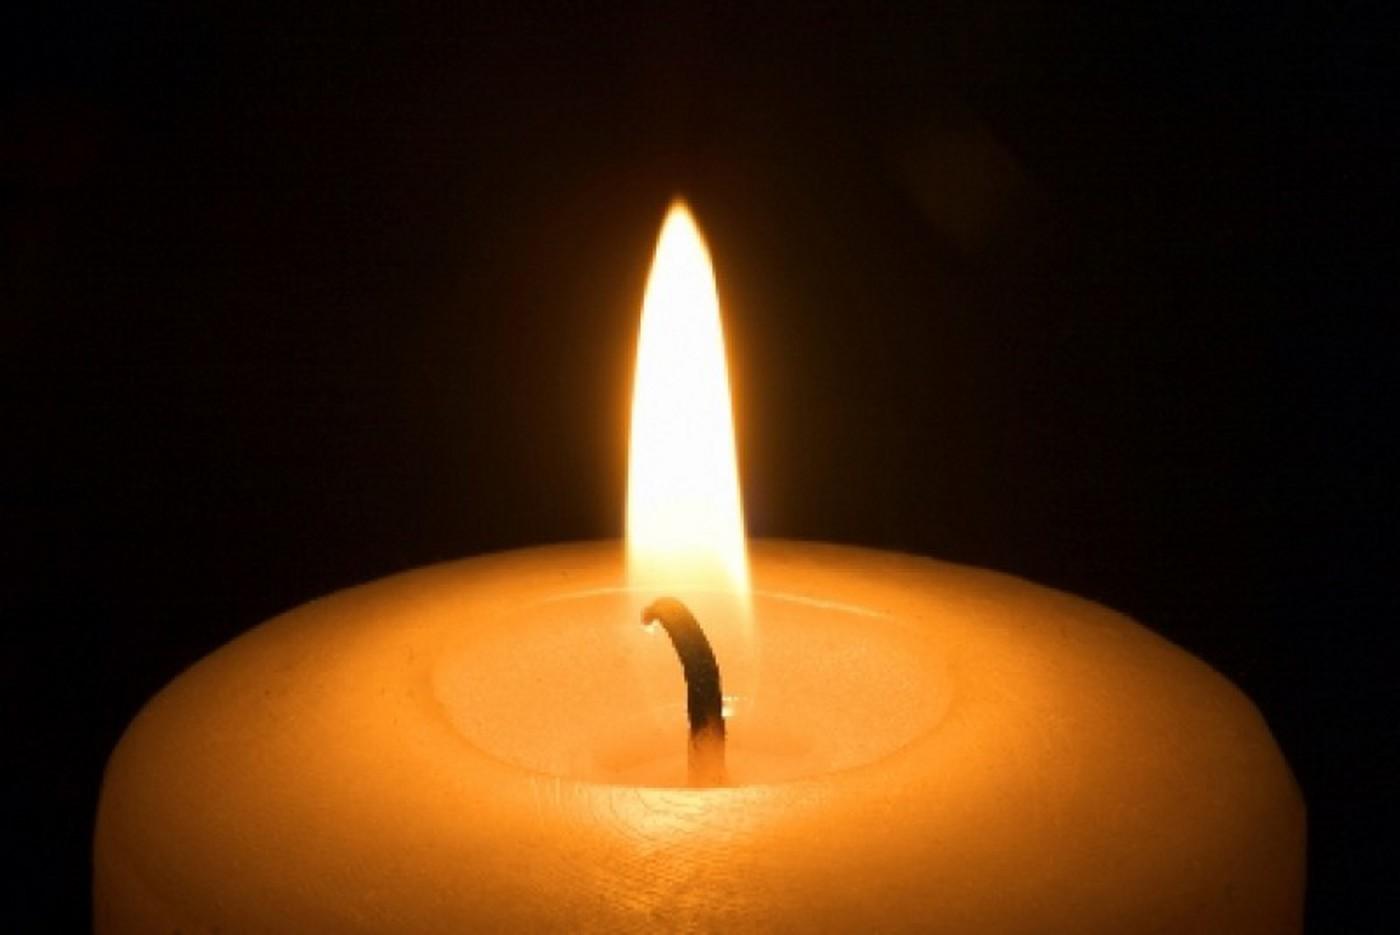 O tanara de 13 ani din Bristol a murit dupa ce s-a infectat in vacanta